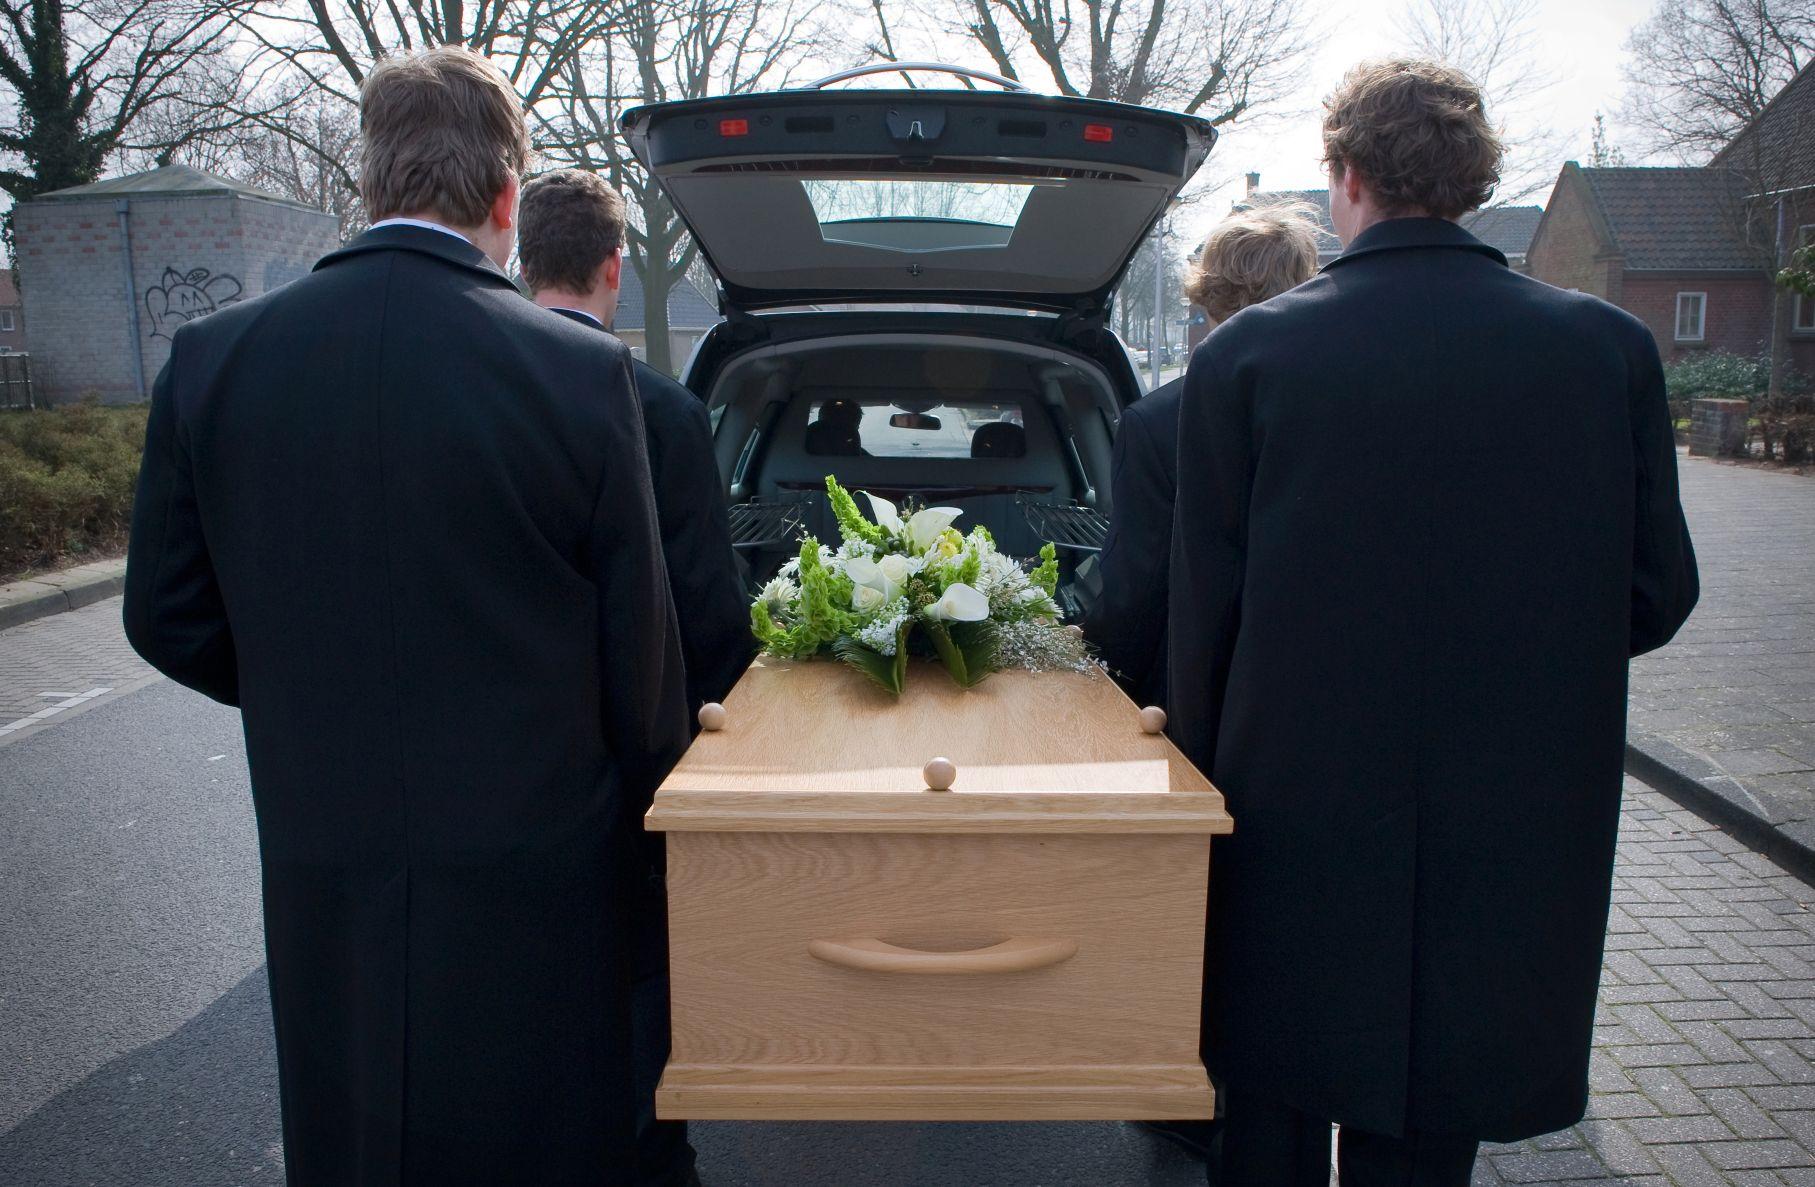 comment planifier funerailles deces